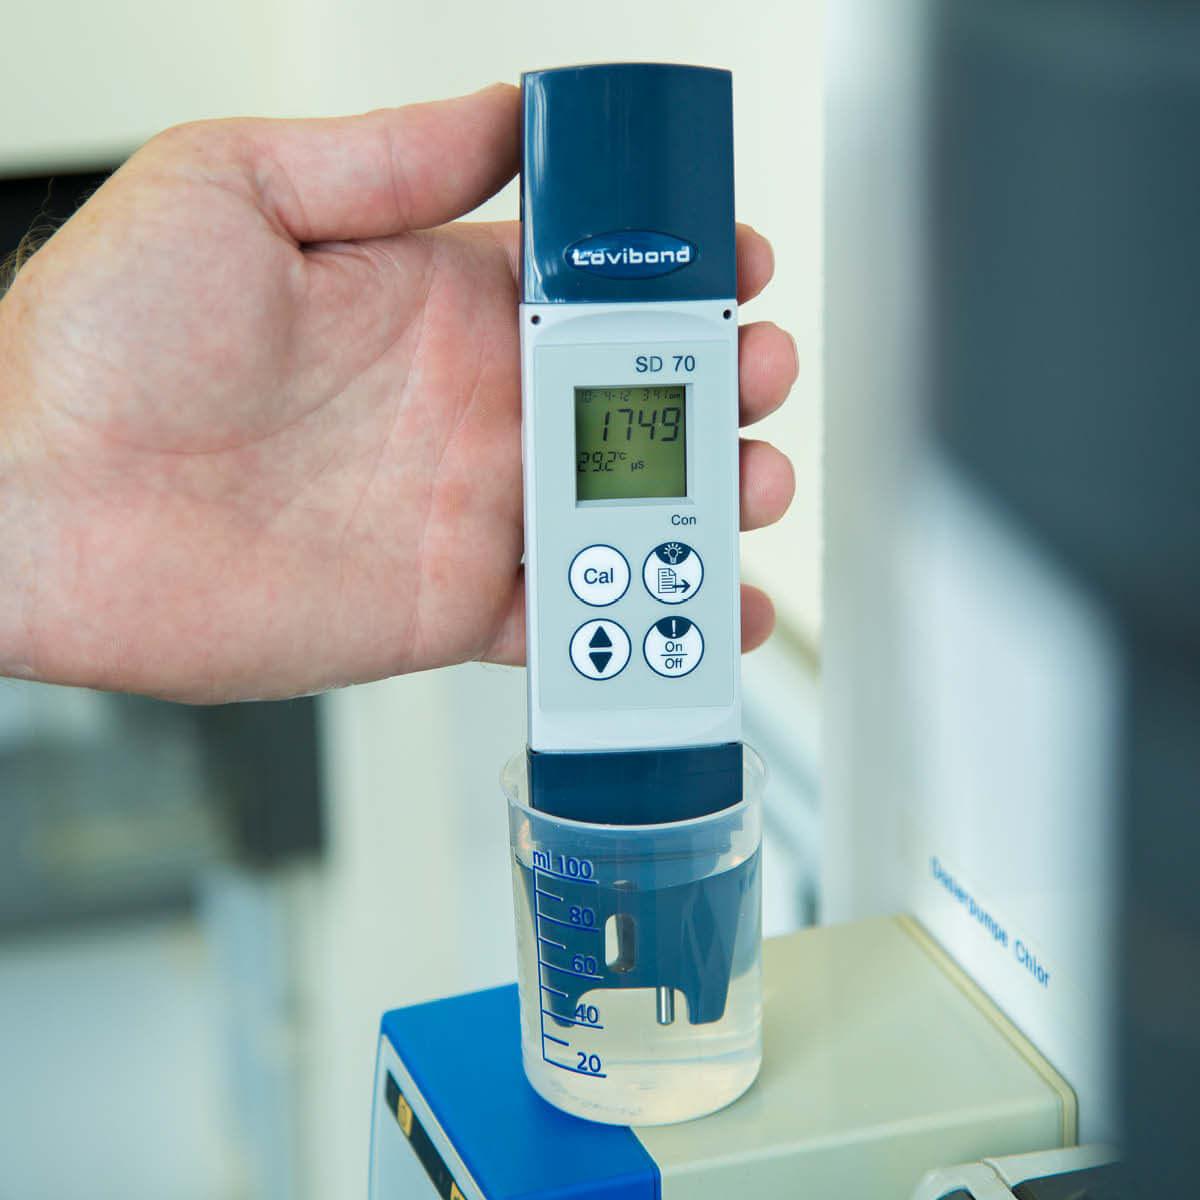 tester sd 70 do pomiaru konduktywnosci wody w basenie lovibond elektroniczny